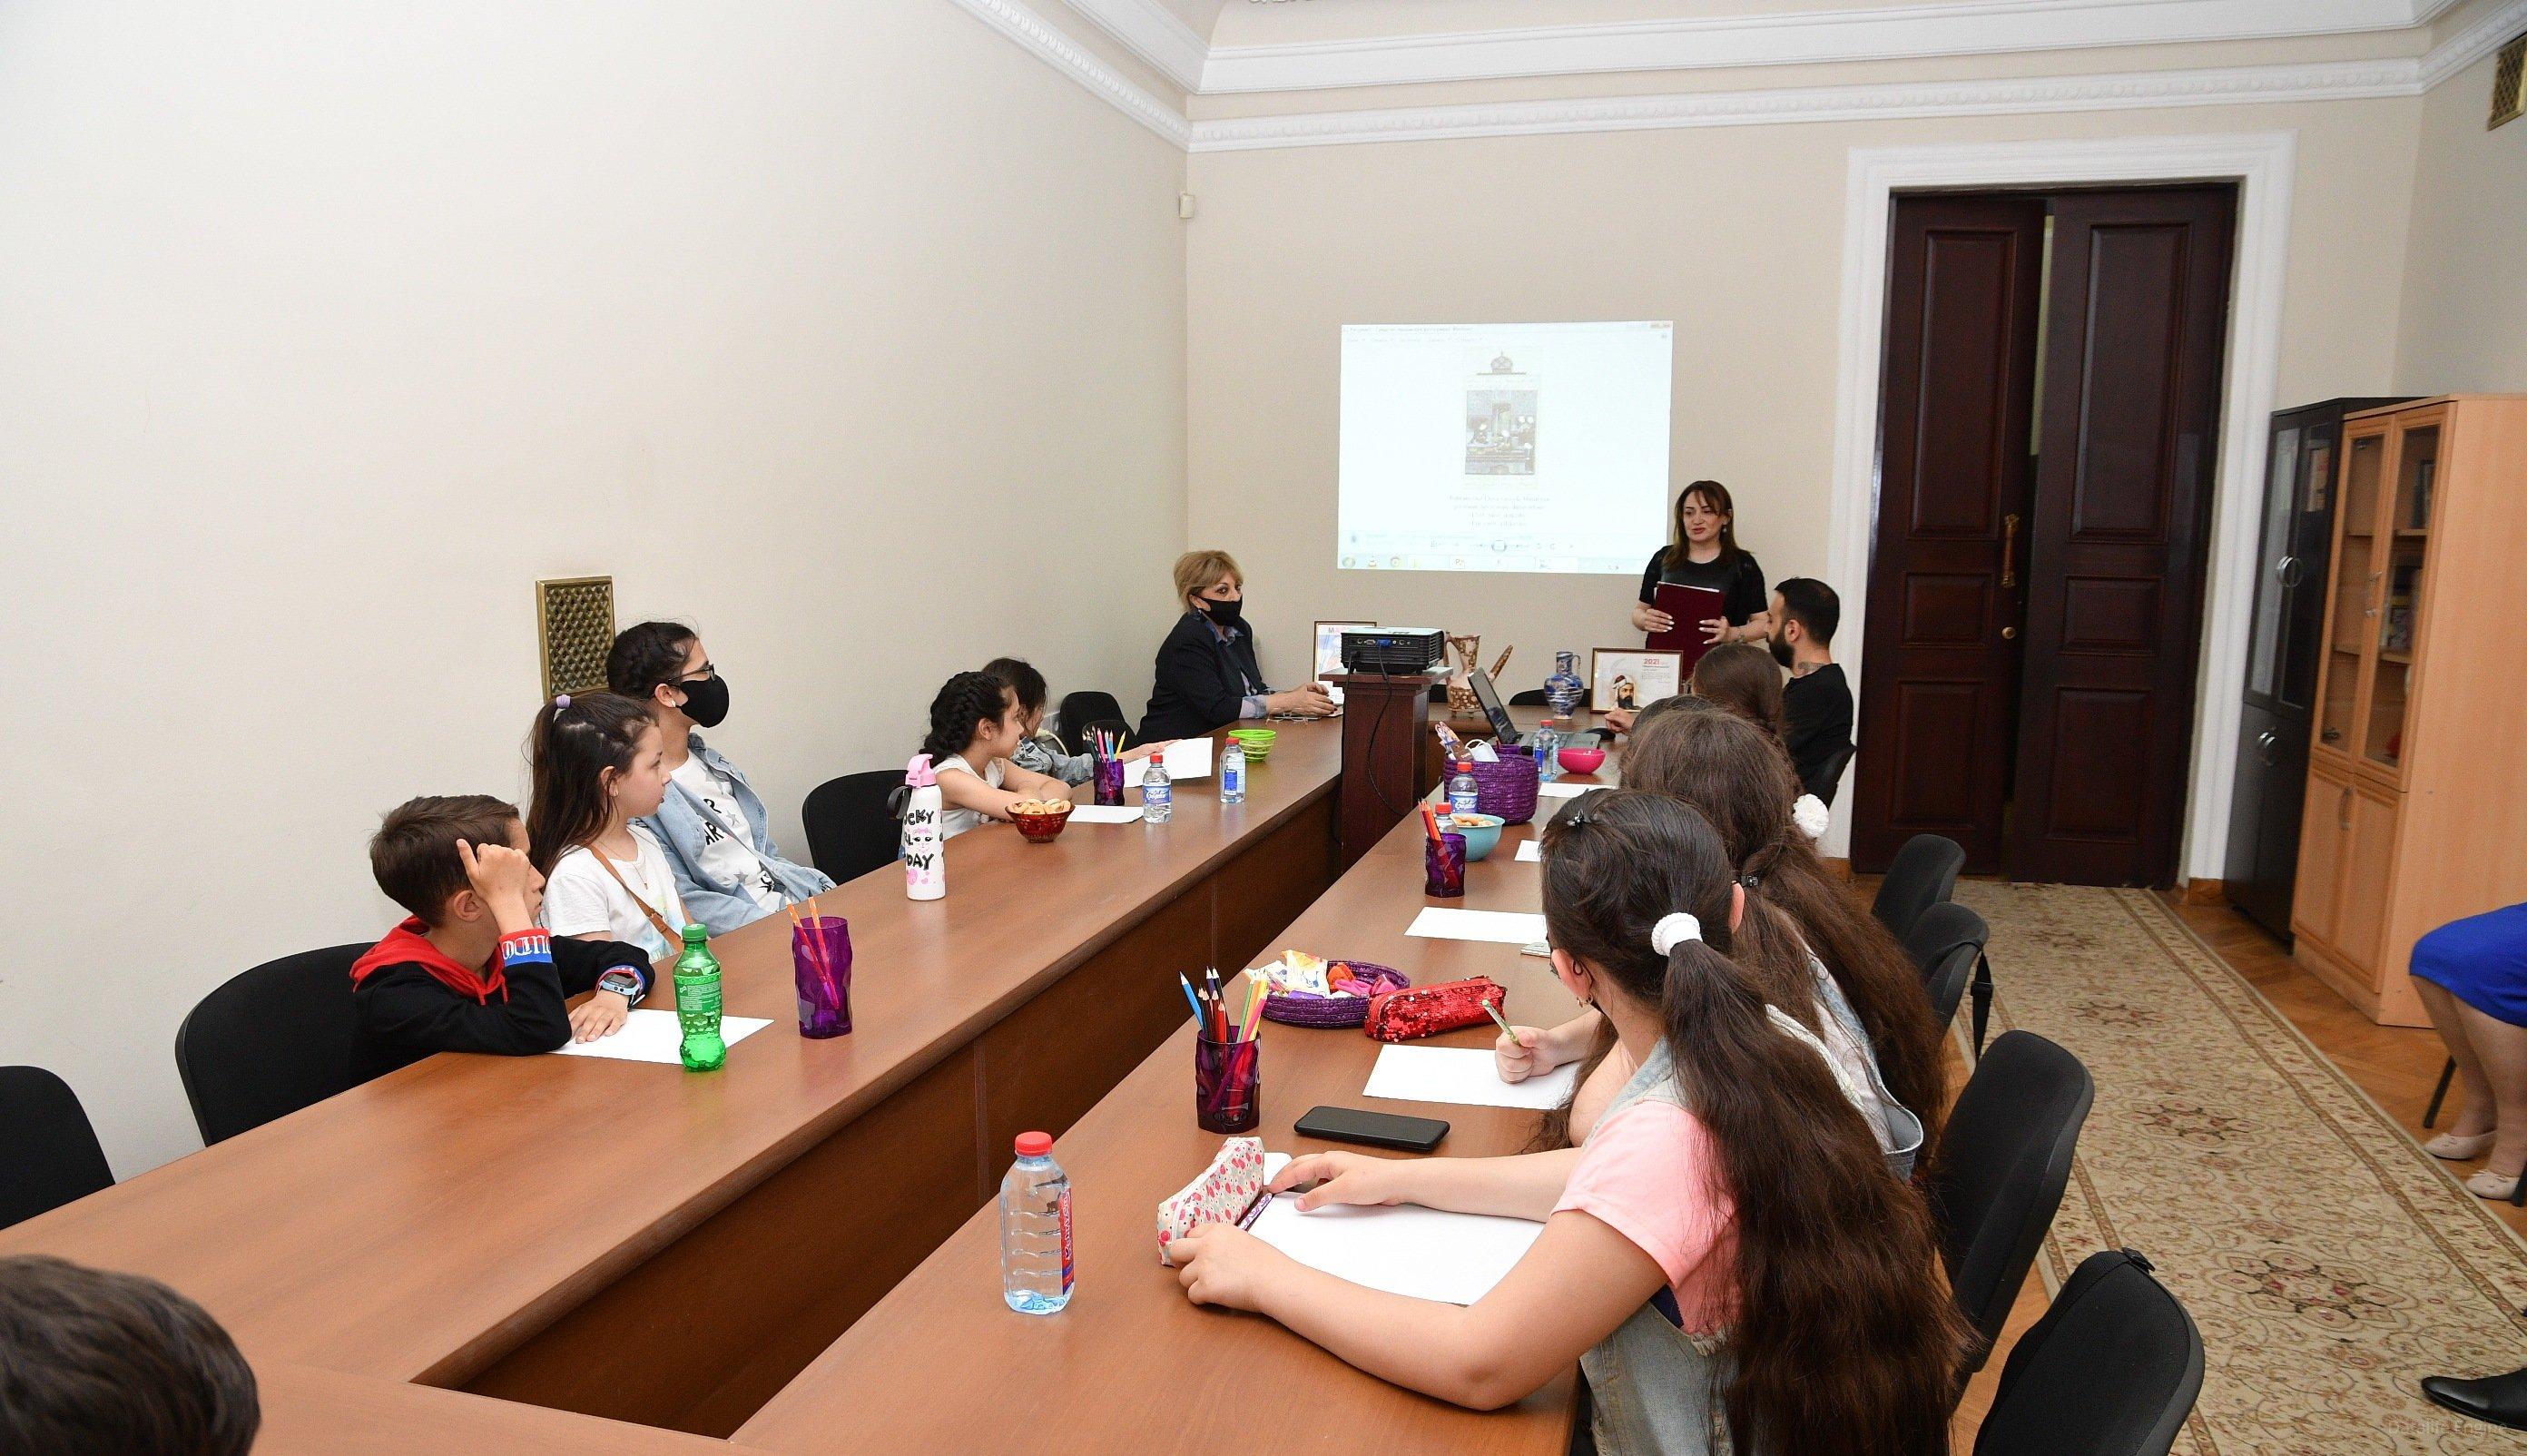 AMEA Milli Azərbaycan Tarixi Muzeyində Ustad dərslərə start verilib